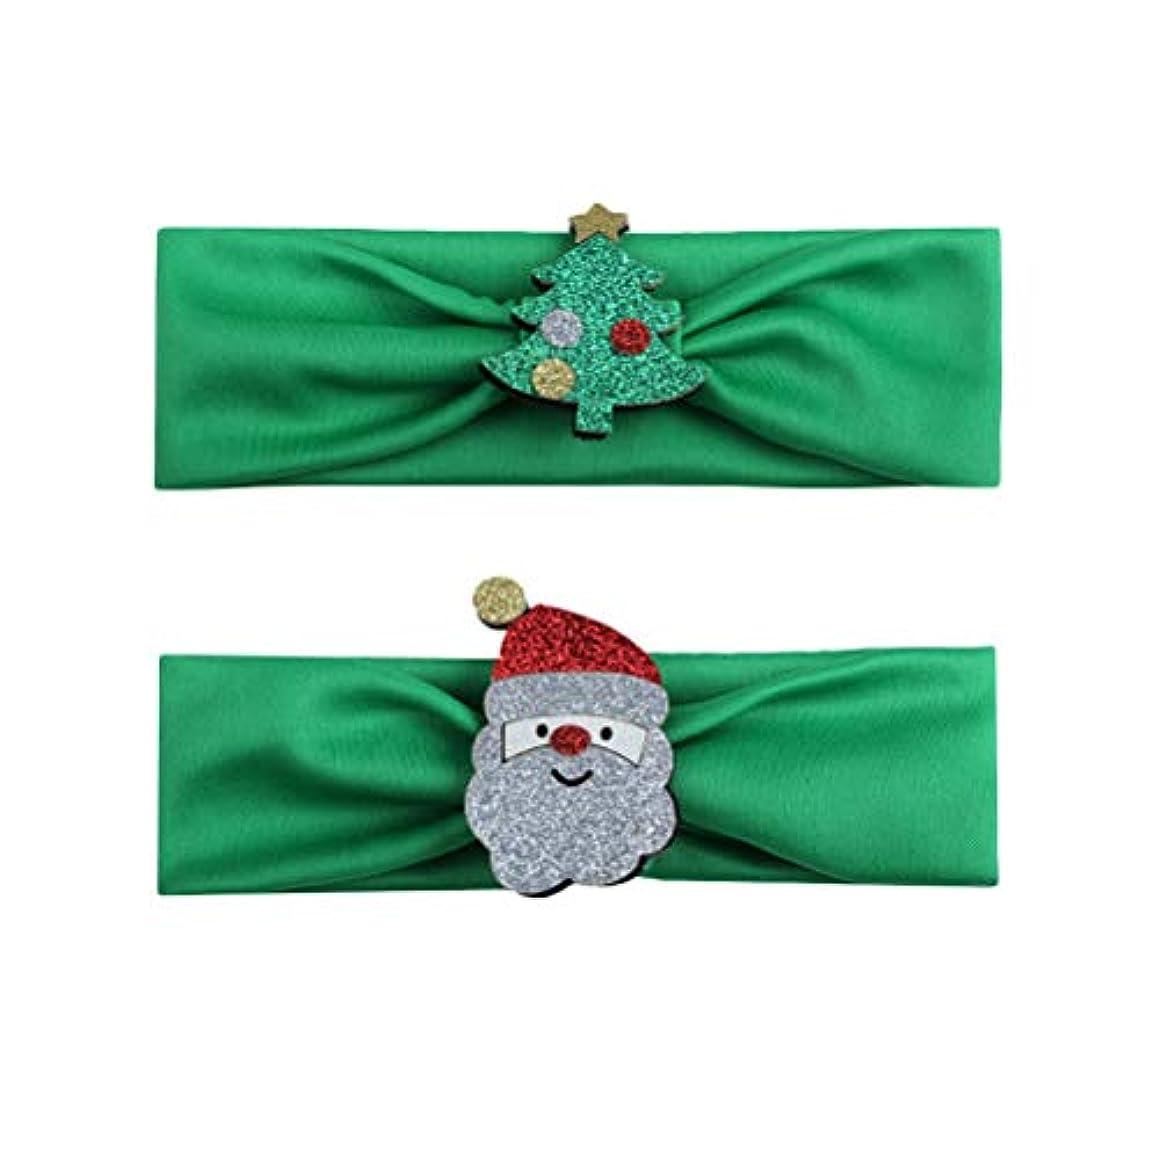 無能医薬品ジョージハンブリーBESTOYARD 2本の赤ちゃんの少女クリスマスのヘッドバンド、クリスマスツリーサンタクロースの幼児ヘアバンドアクセサリー(グリーン)